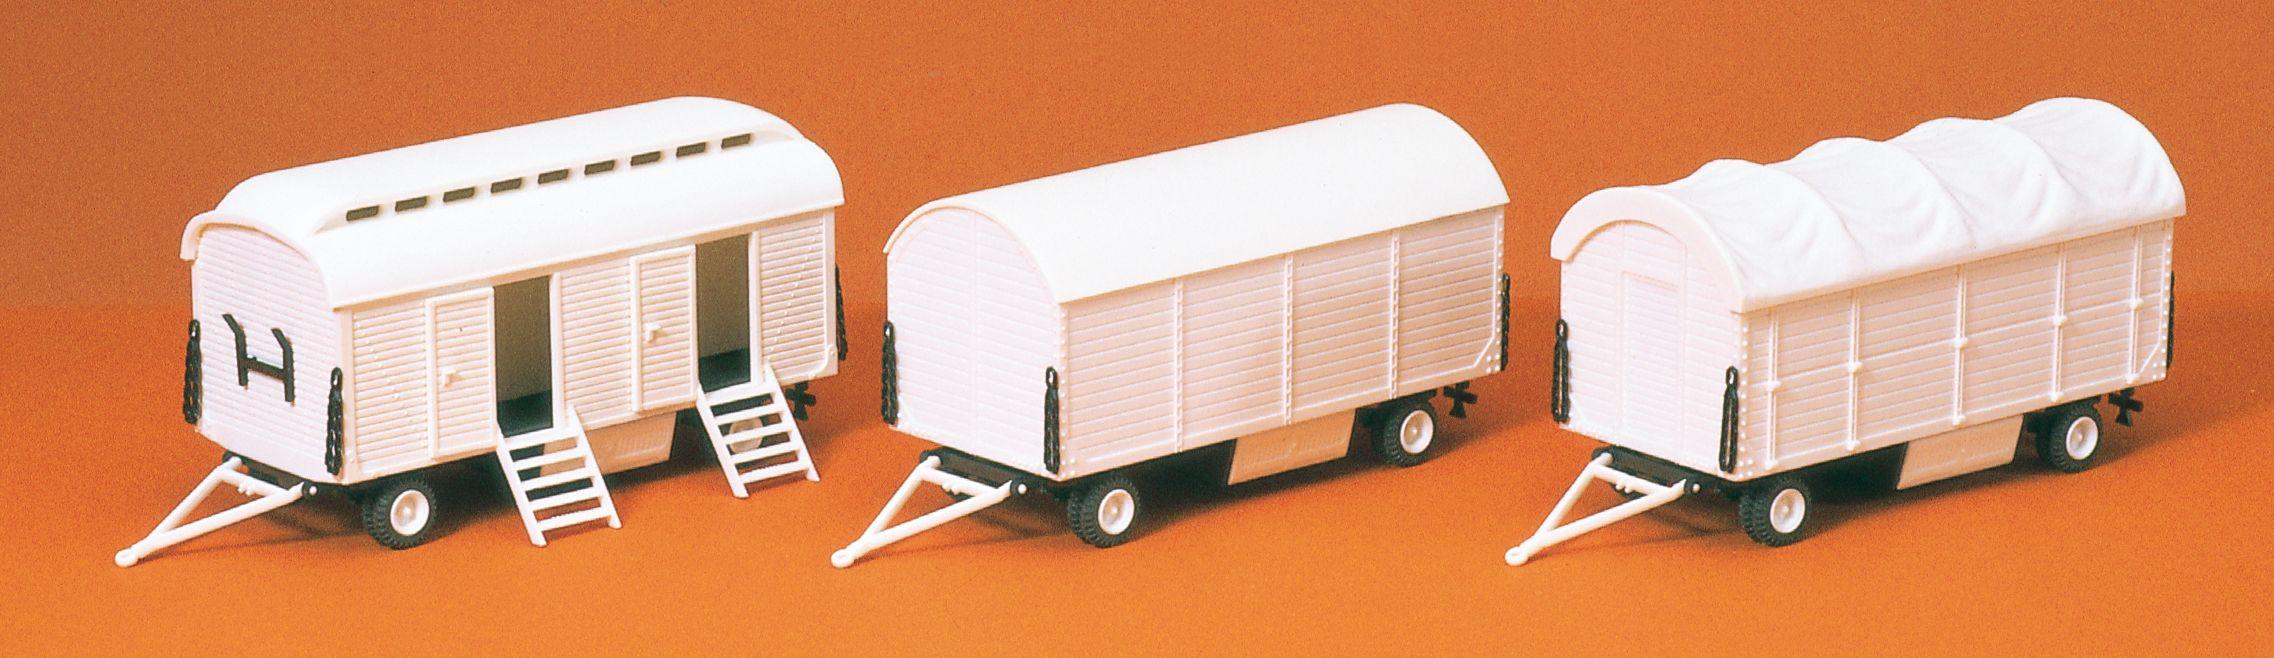 1:87 Zirkus Pack- und Toilettenwagen, Bausatz, 3 St.- Preiser 20008  | günstig bestellen bei Modelleisenbahn Center  MCS Vertriebs GmbH